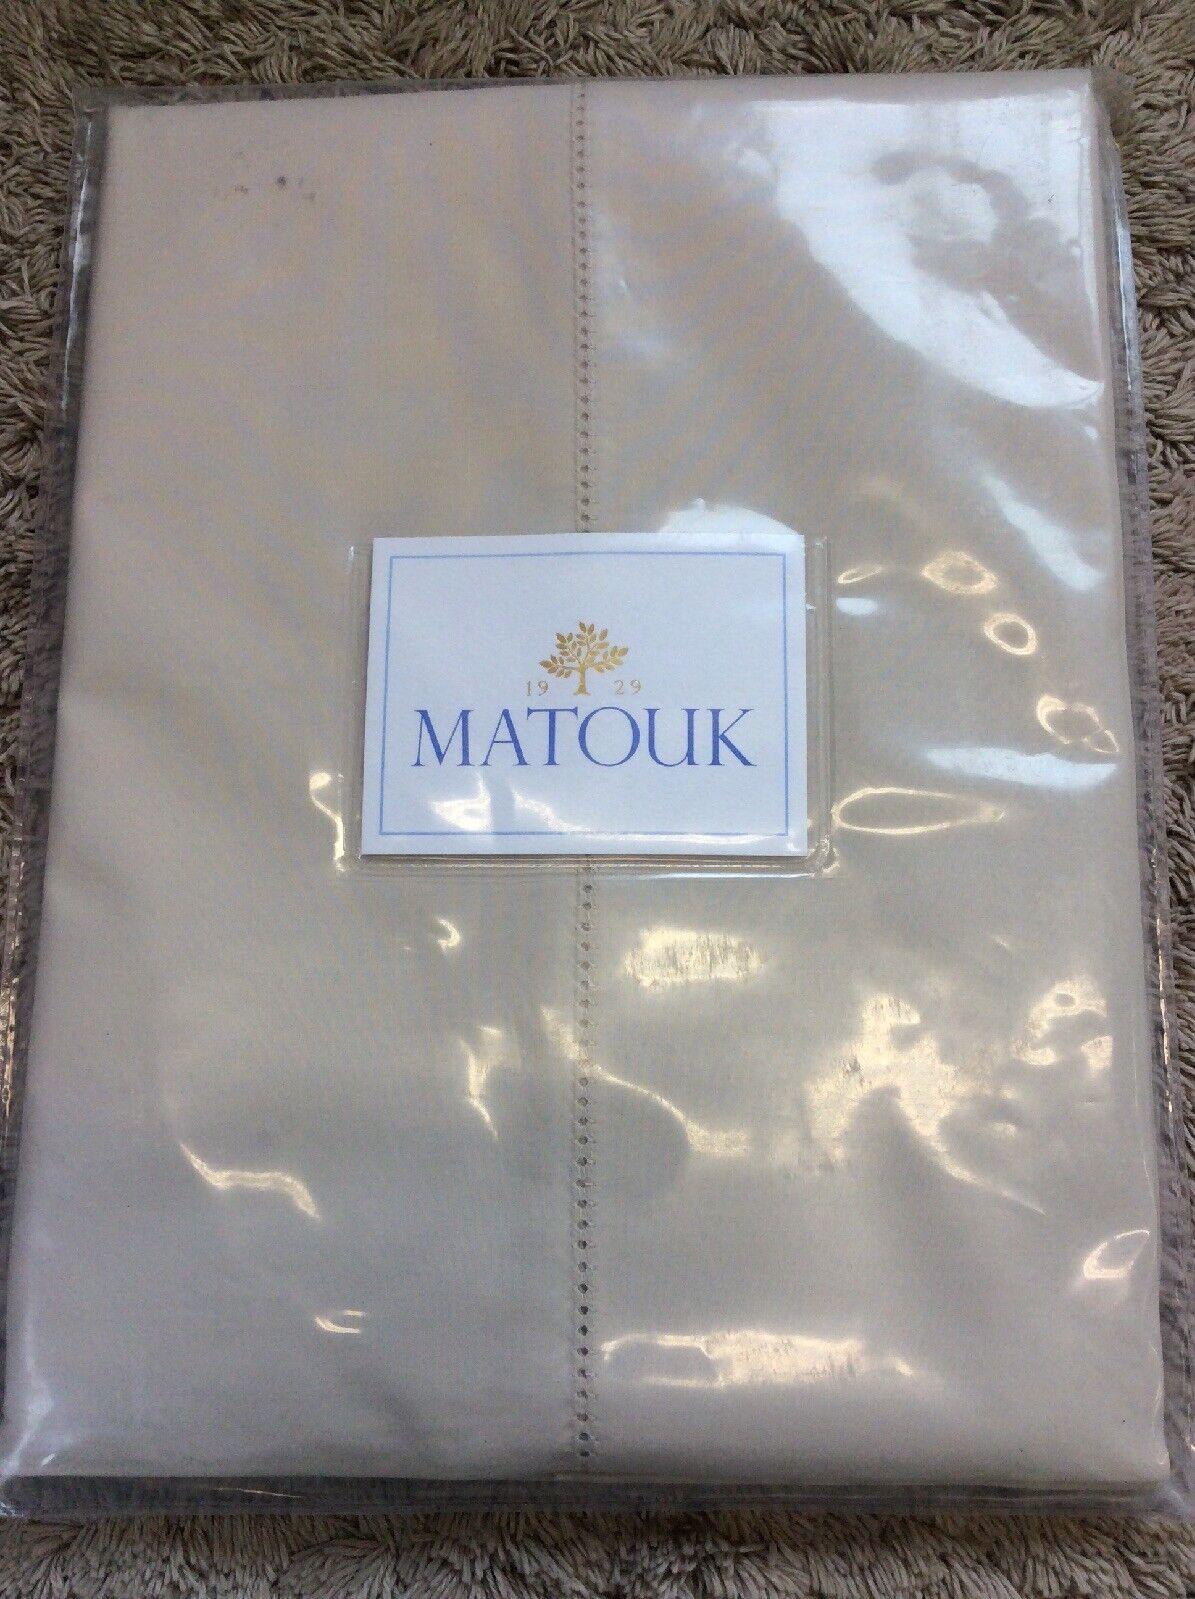 Matouk Milano King Hemstitch Pillowcase - bianca